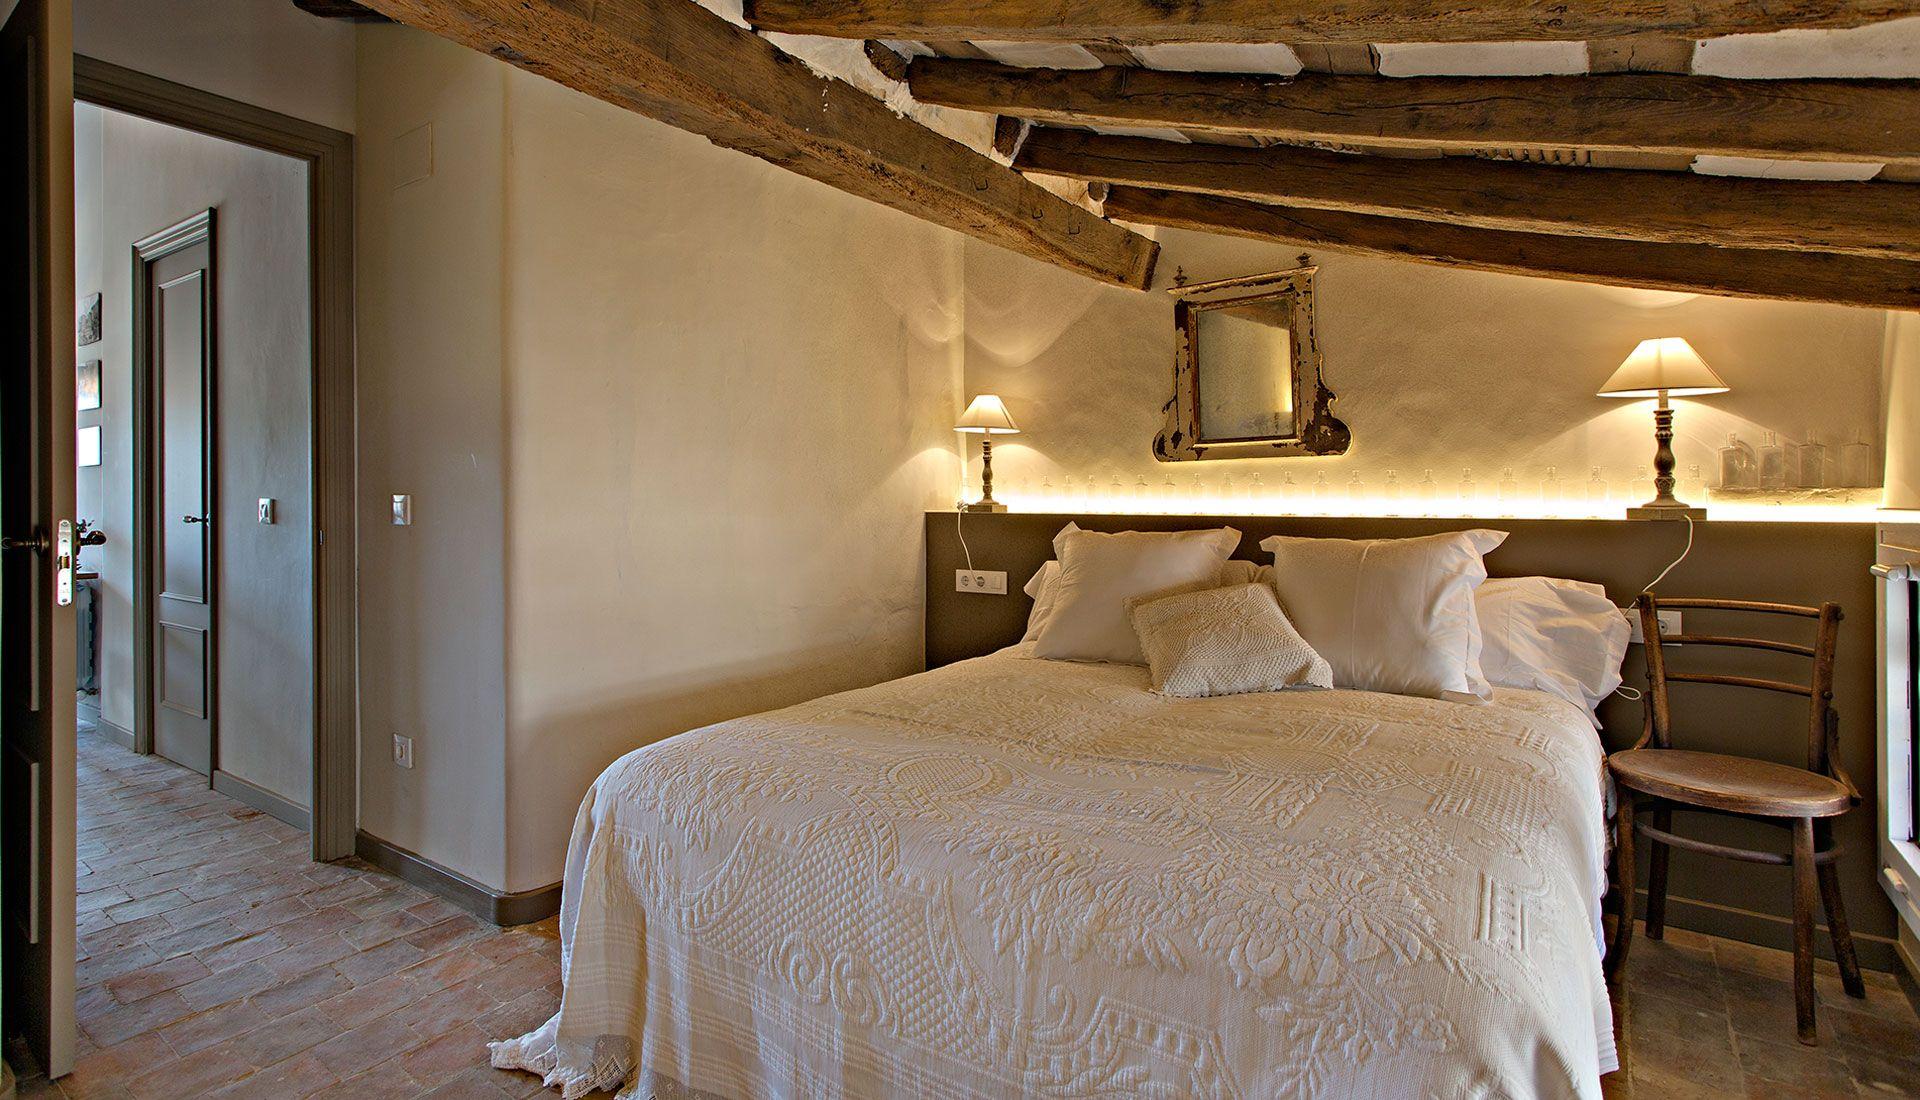 apartaments el jardinet olot - Where to rest-La Garrotxa Volcanic Area